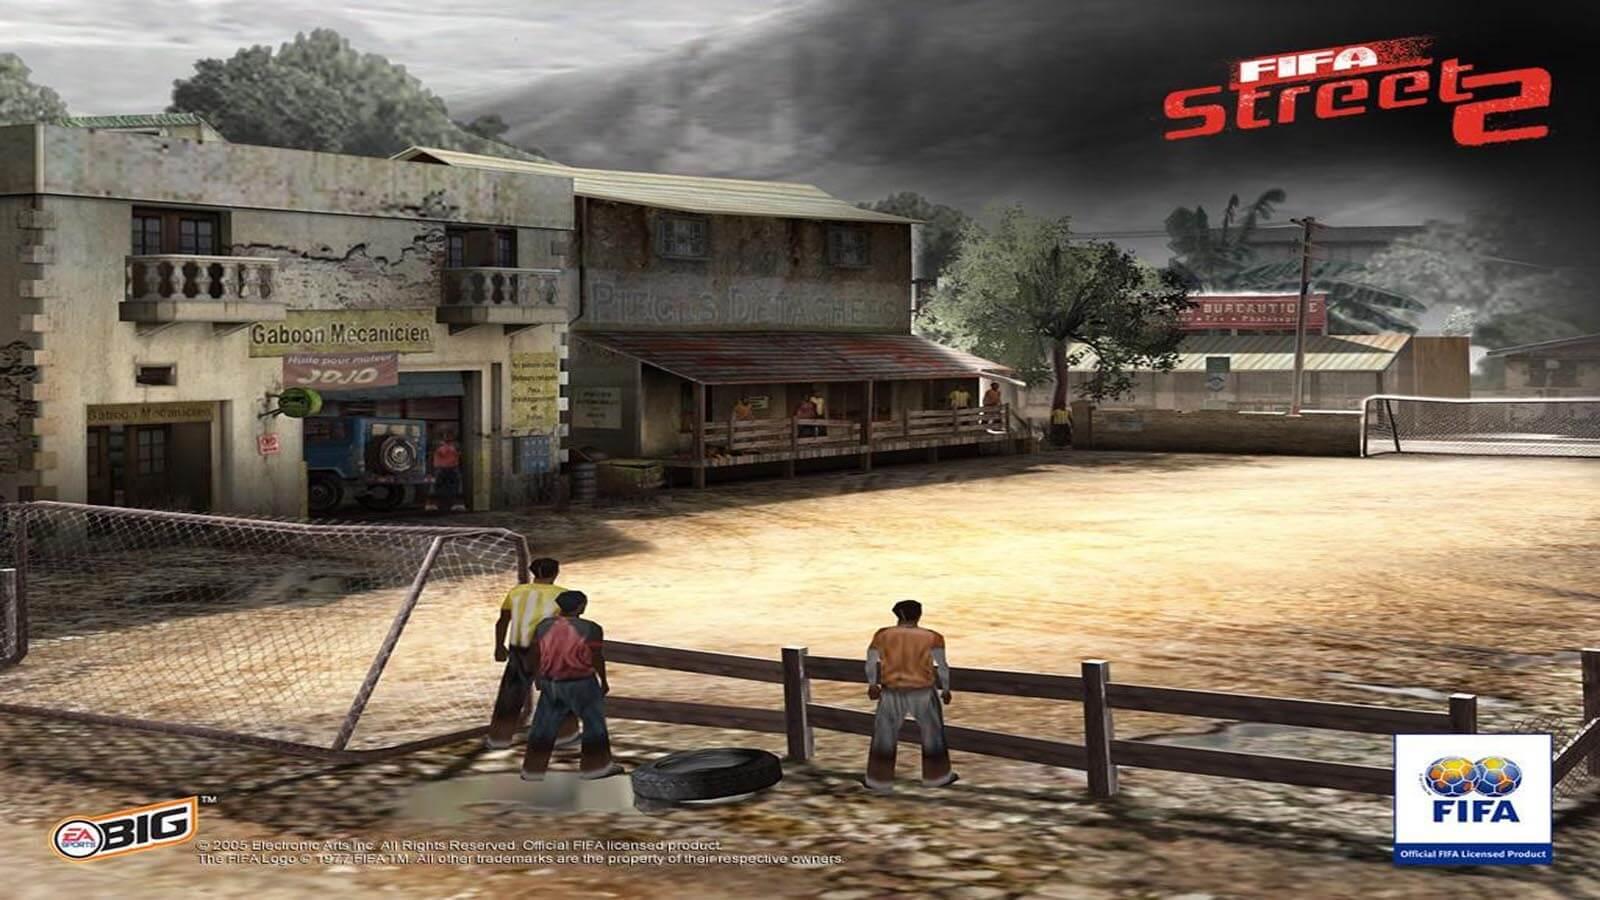 تحميل لعبة FIFA Street 2 مضغوطة برابط واحد مباشر كاملة مجانا